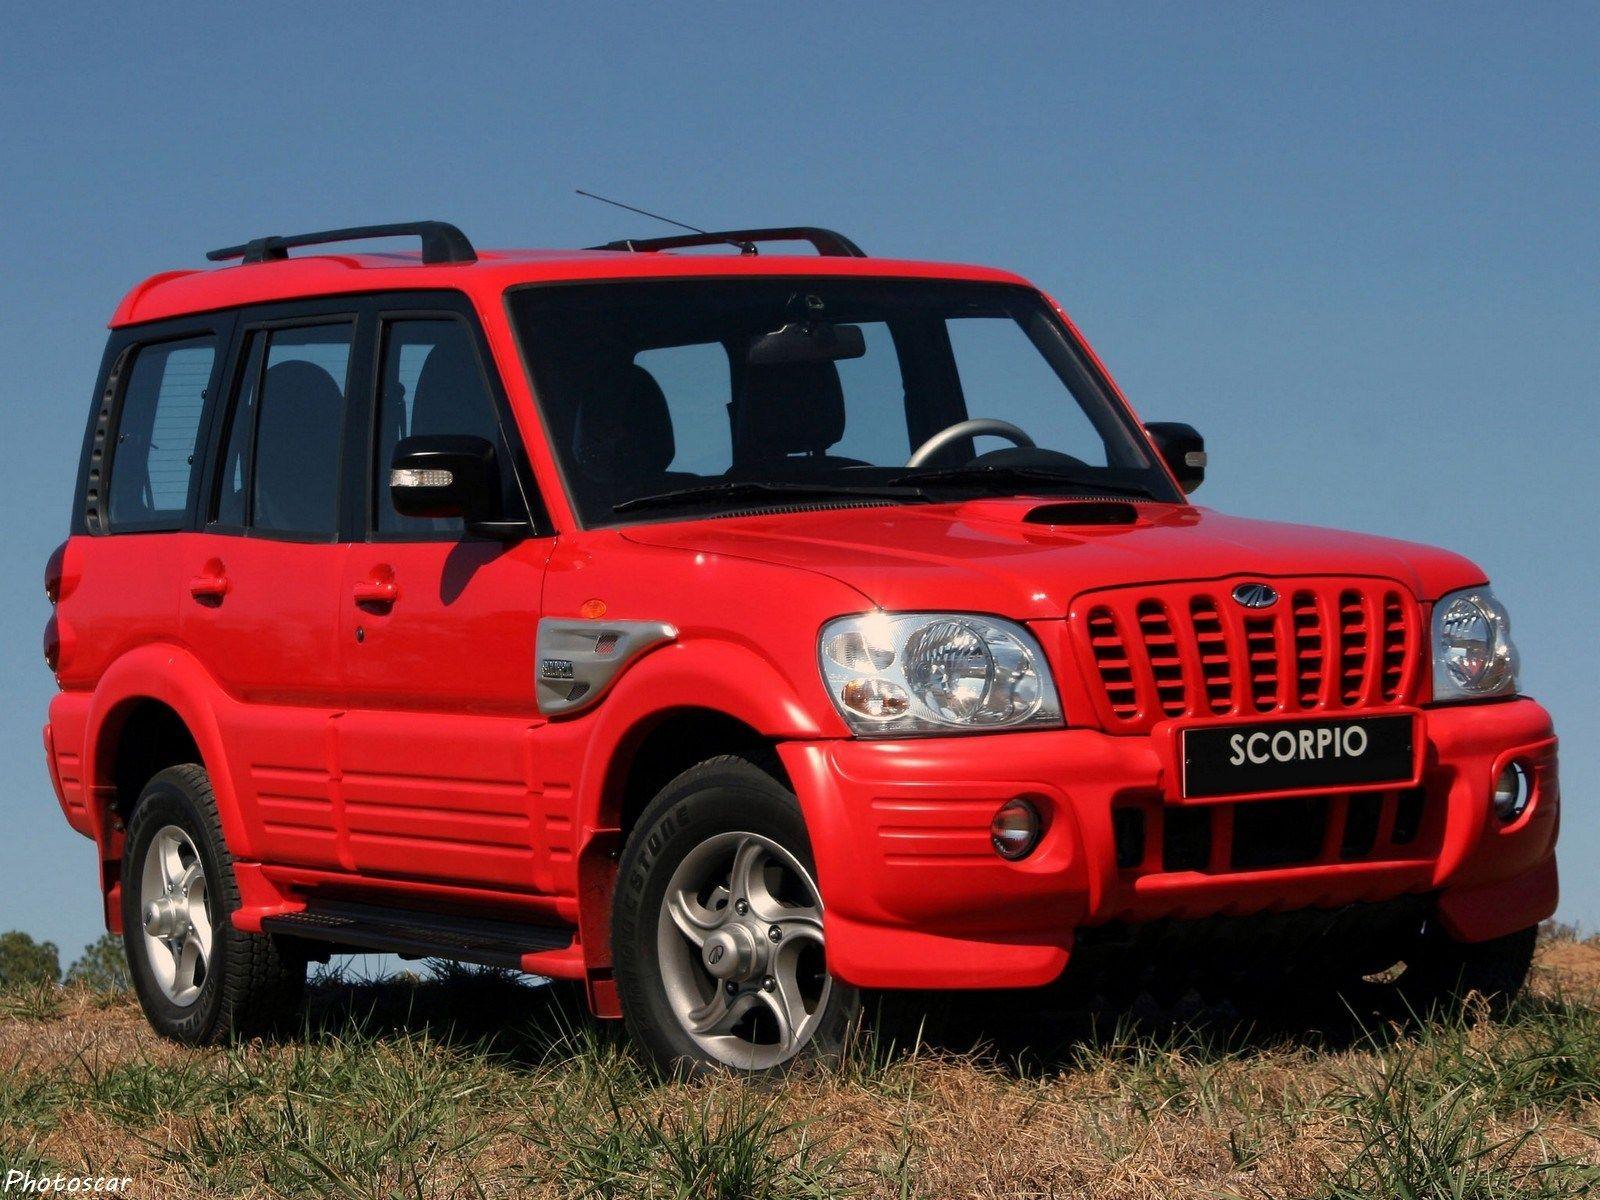 Mahindra Scorpio Un Suv Fabrique Par Mahindra Mahindra Scorpio Car Car Wallpapers Car